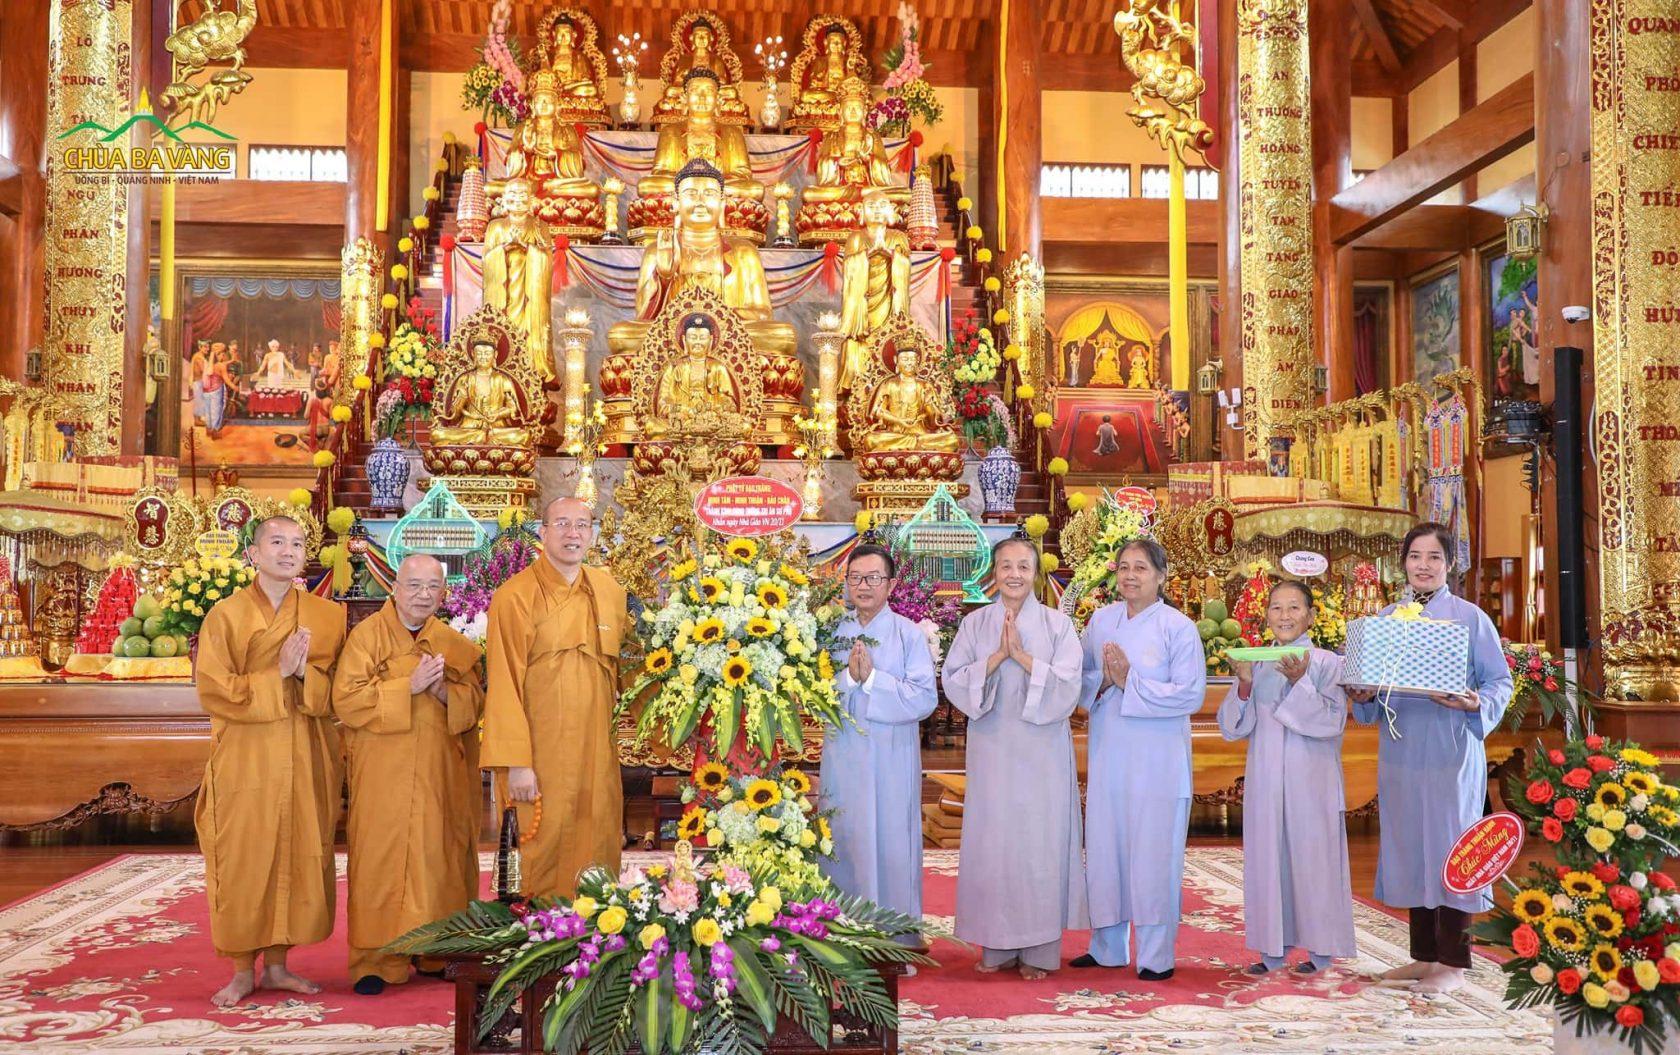 Các Phật tử thuộc đạo tràng Minh Tân - Minh Thuận - Bảo Chân thành kính cúng dường Sư Phụ những lẵng hoa tươi thắm